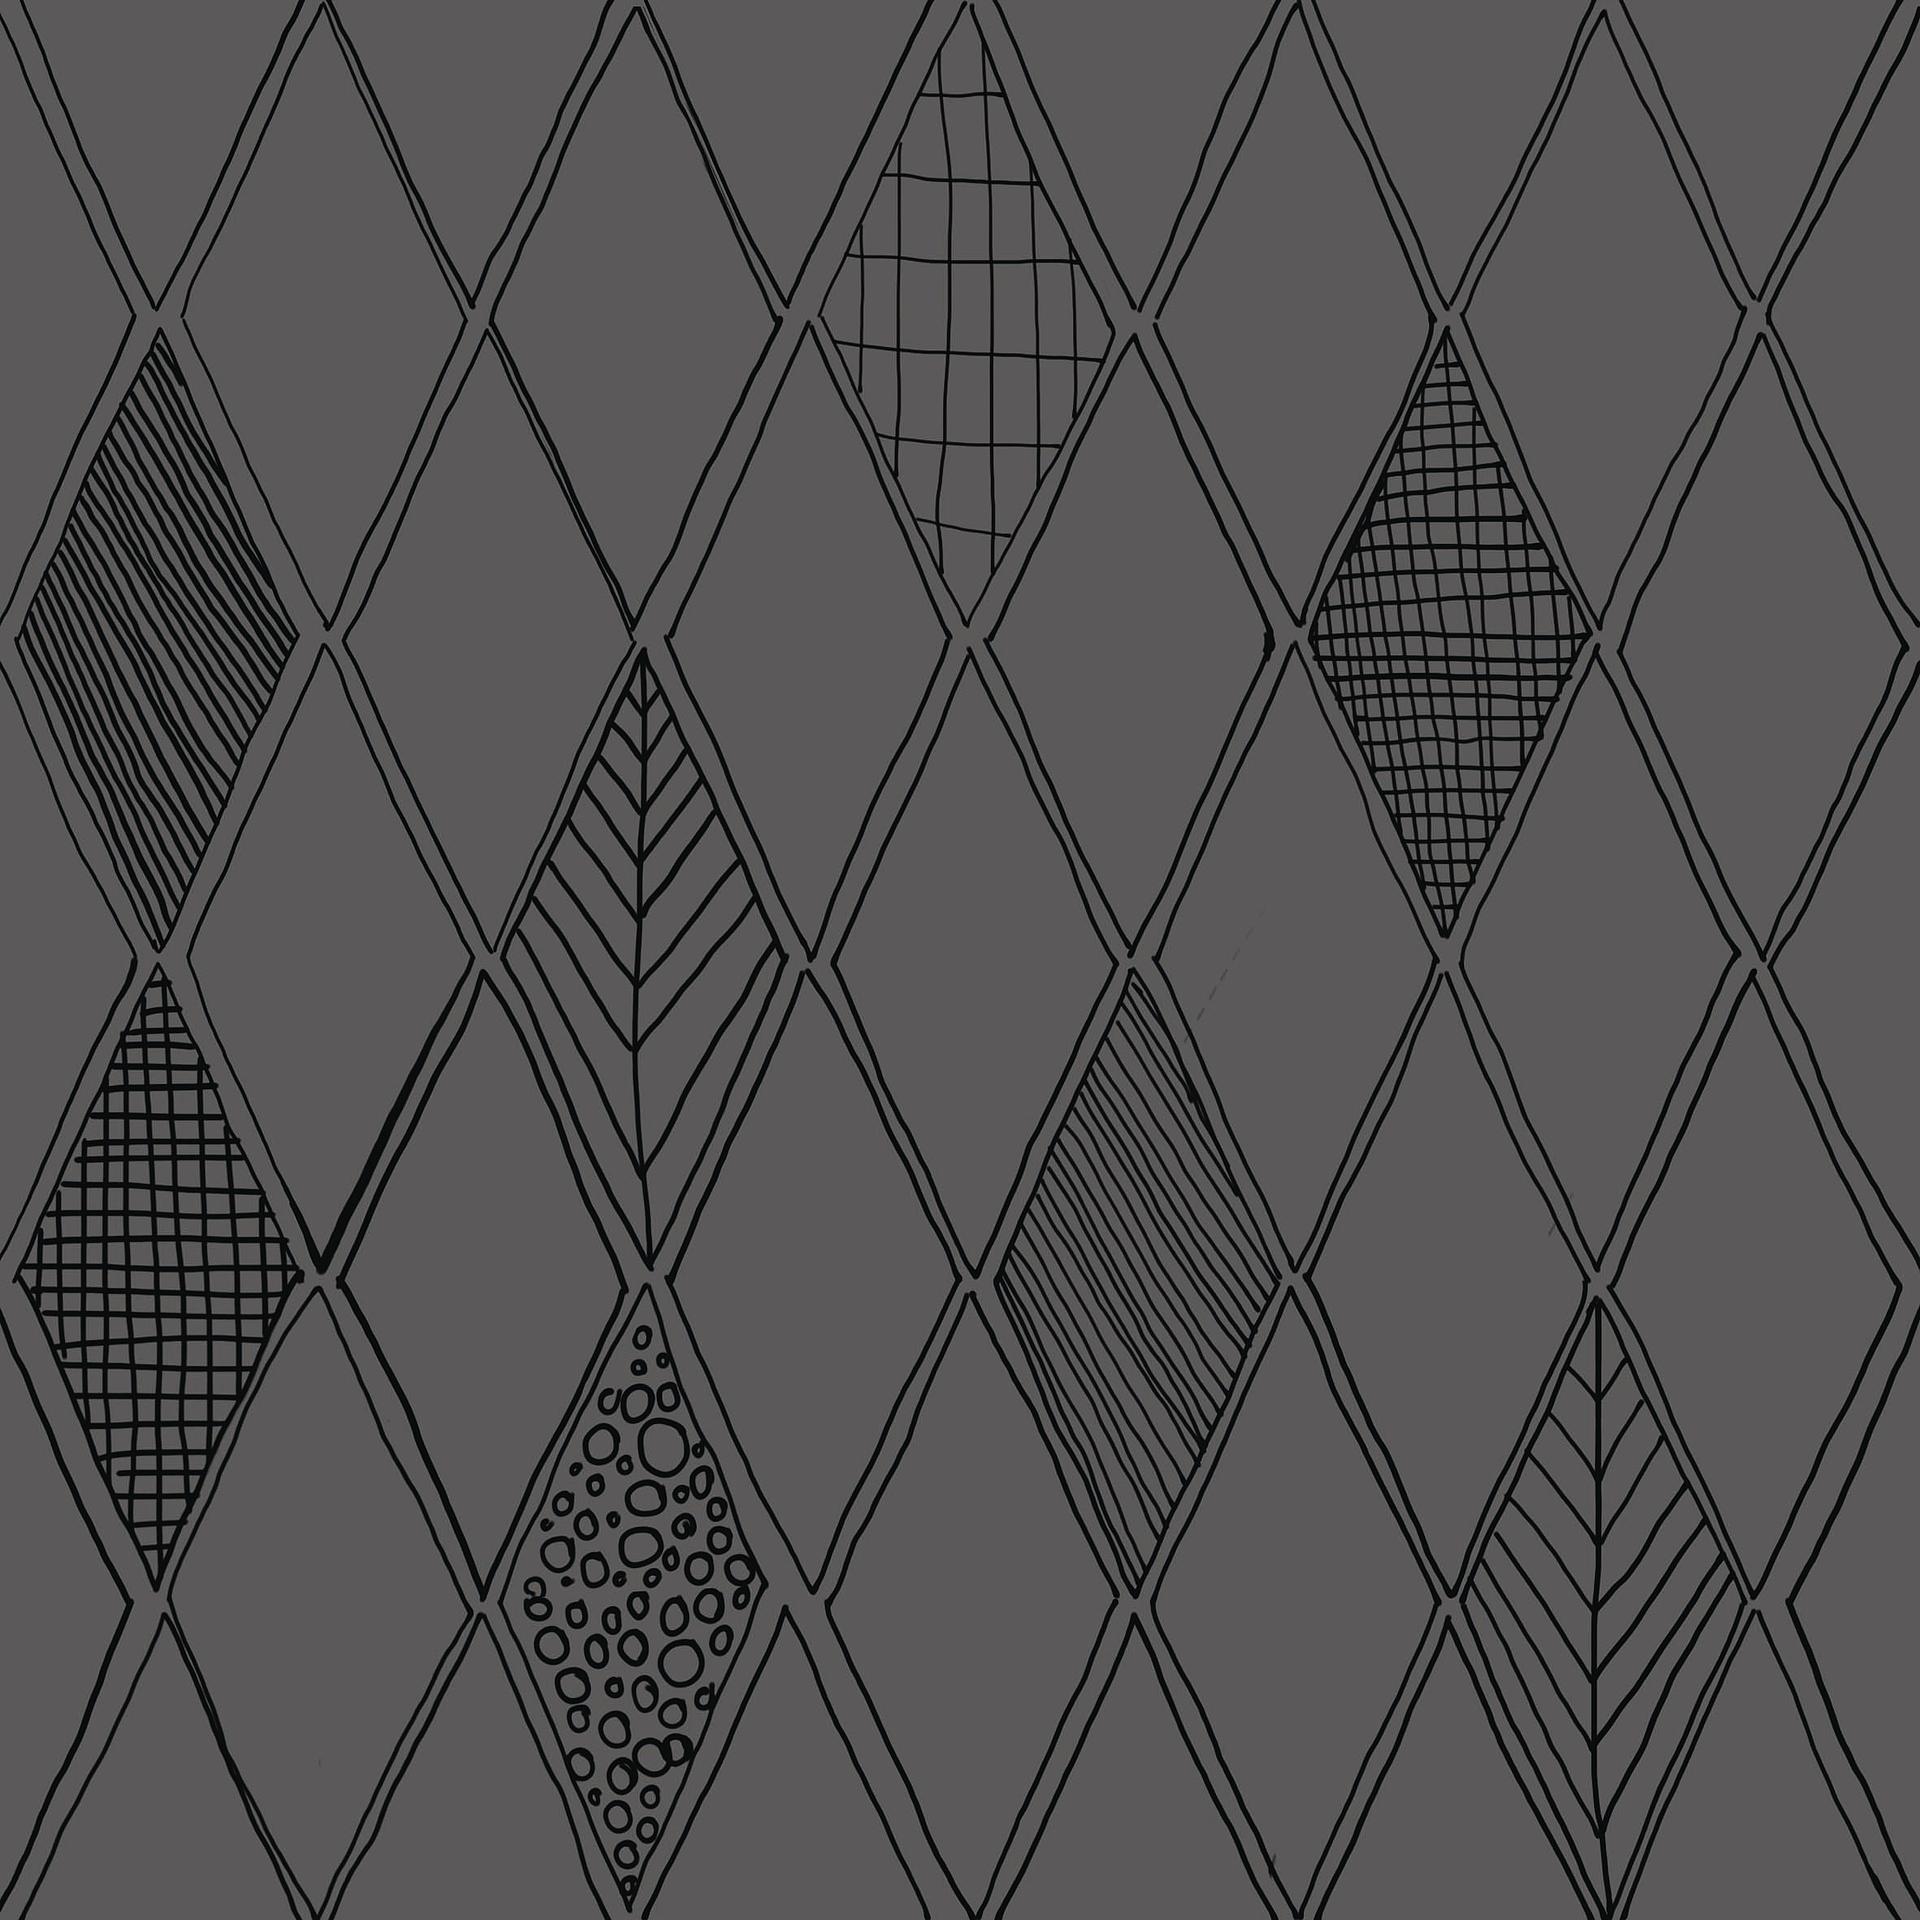 Carrelage More de Self, Grès cérame émaillé, 20x20 cm, Surface mate, Teinte grise,